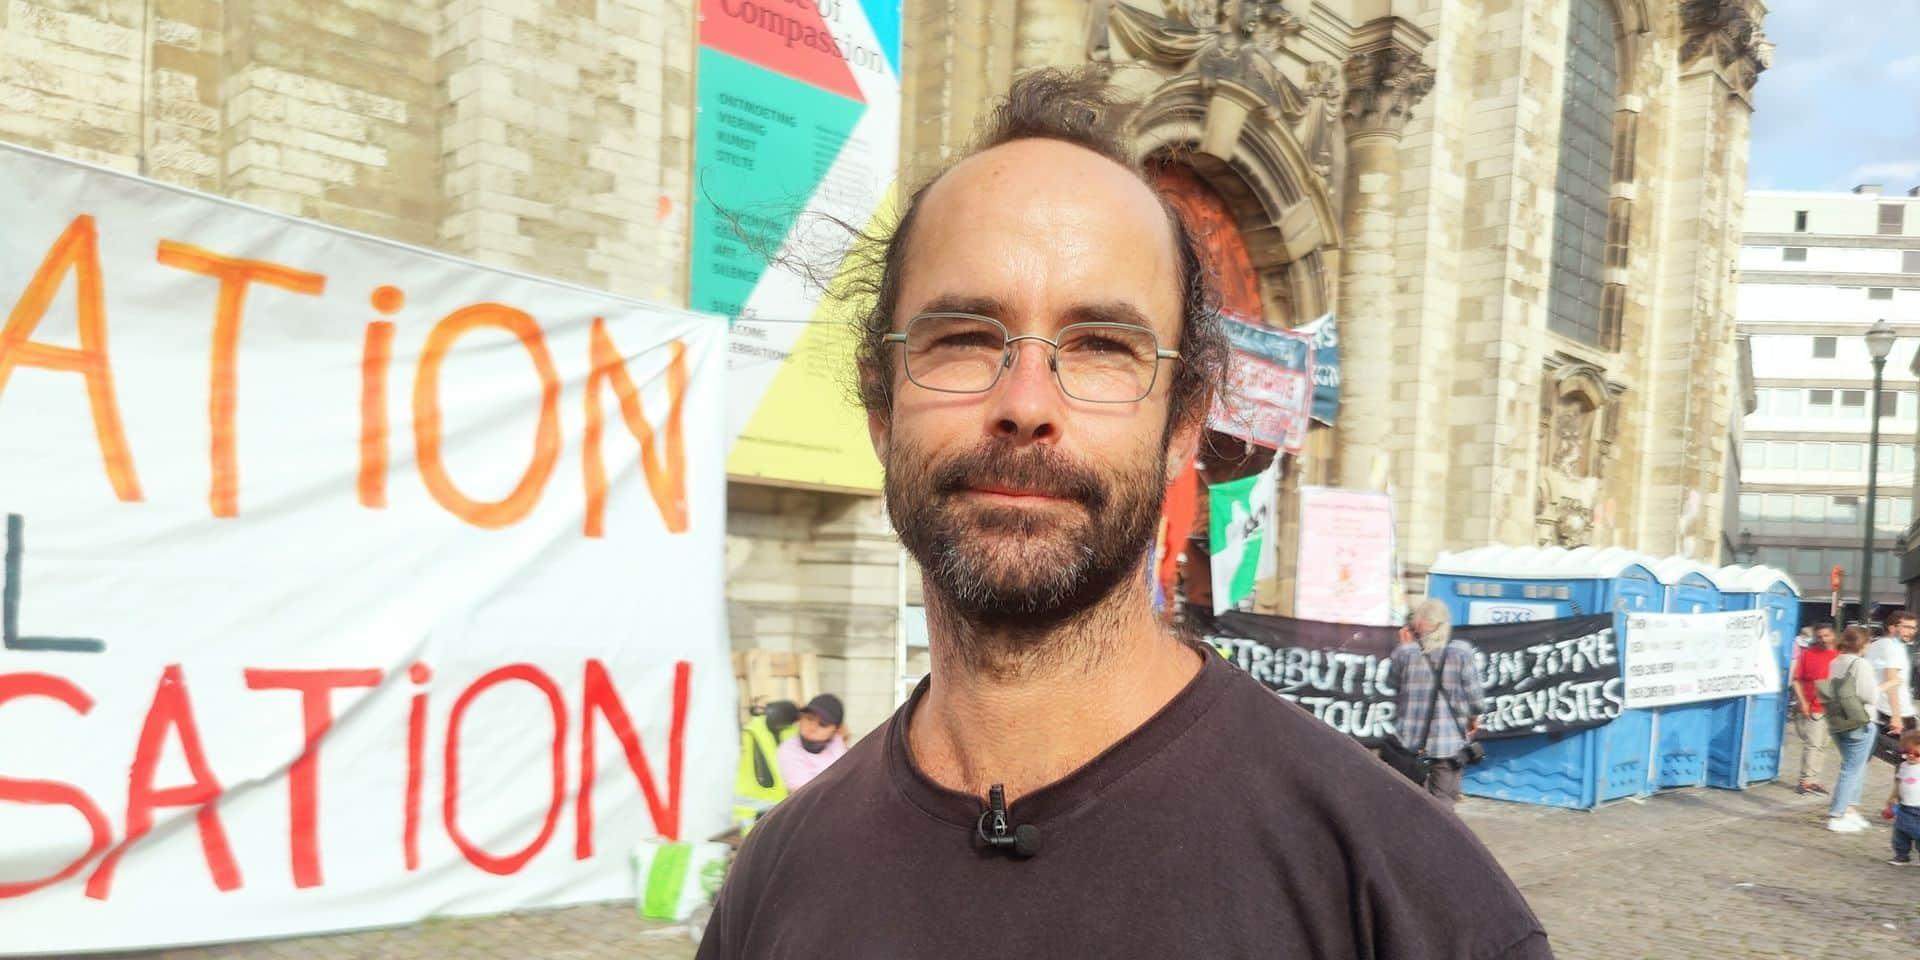 """Grève de la faim des sans-papiers: """"C'est une honte pour la Belgique"""", juge le militant français Cédric Herrou"""